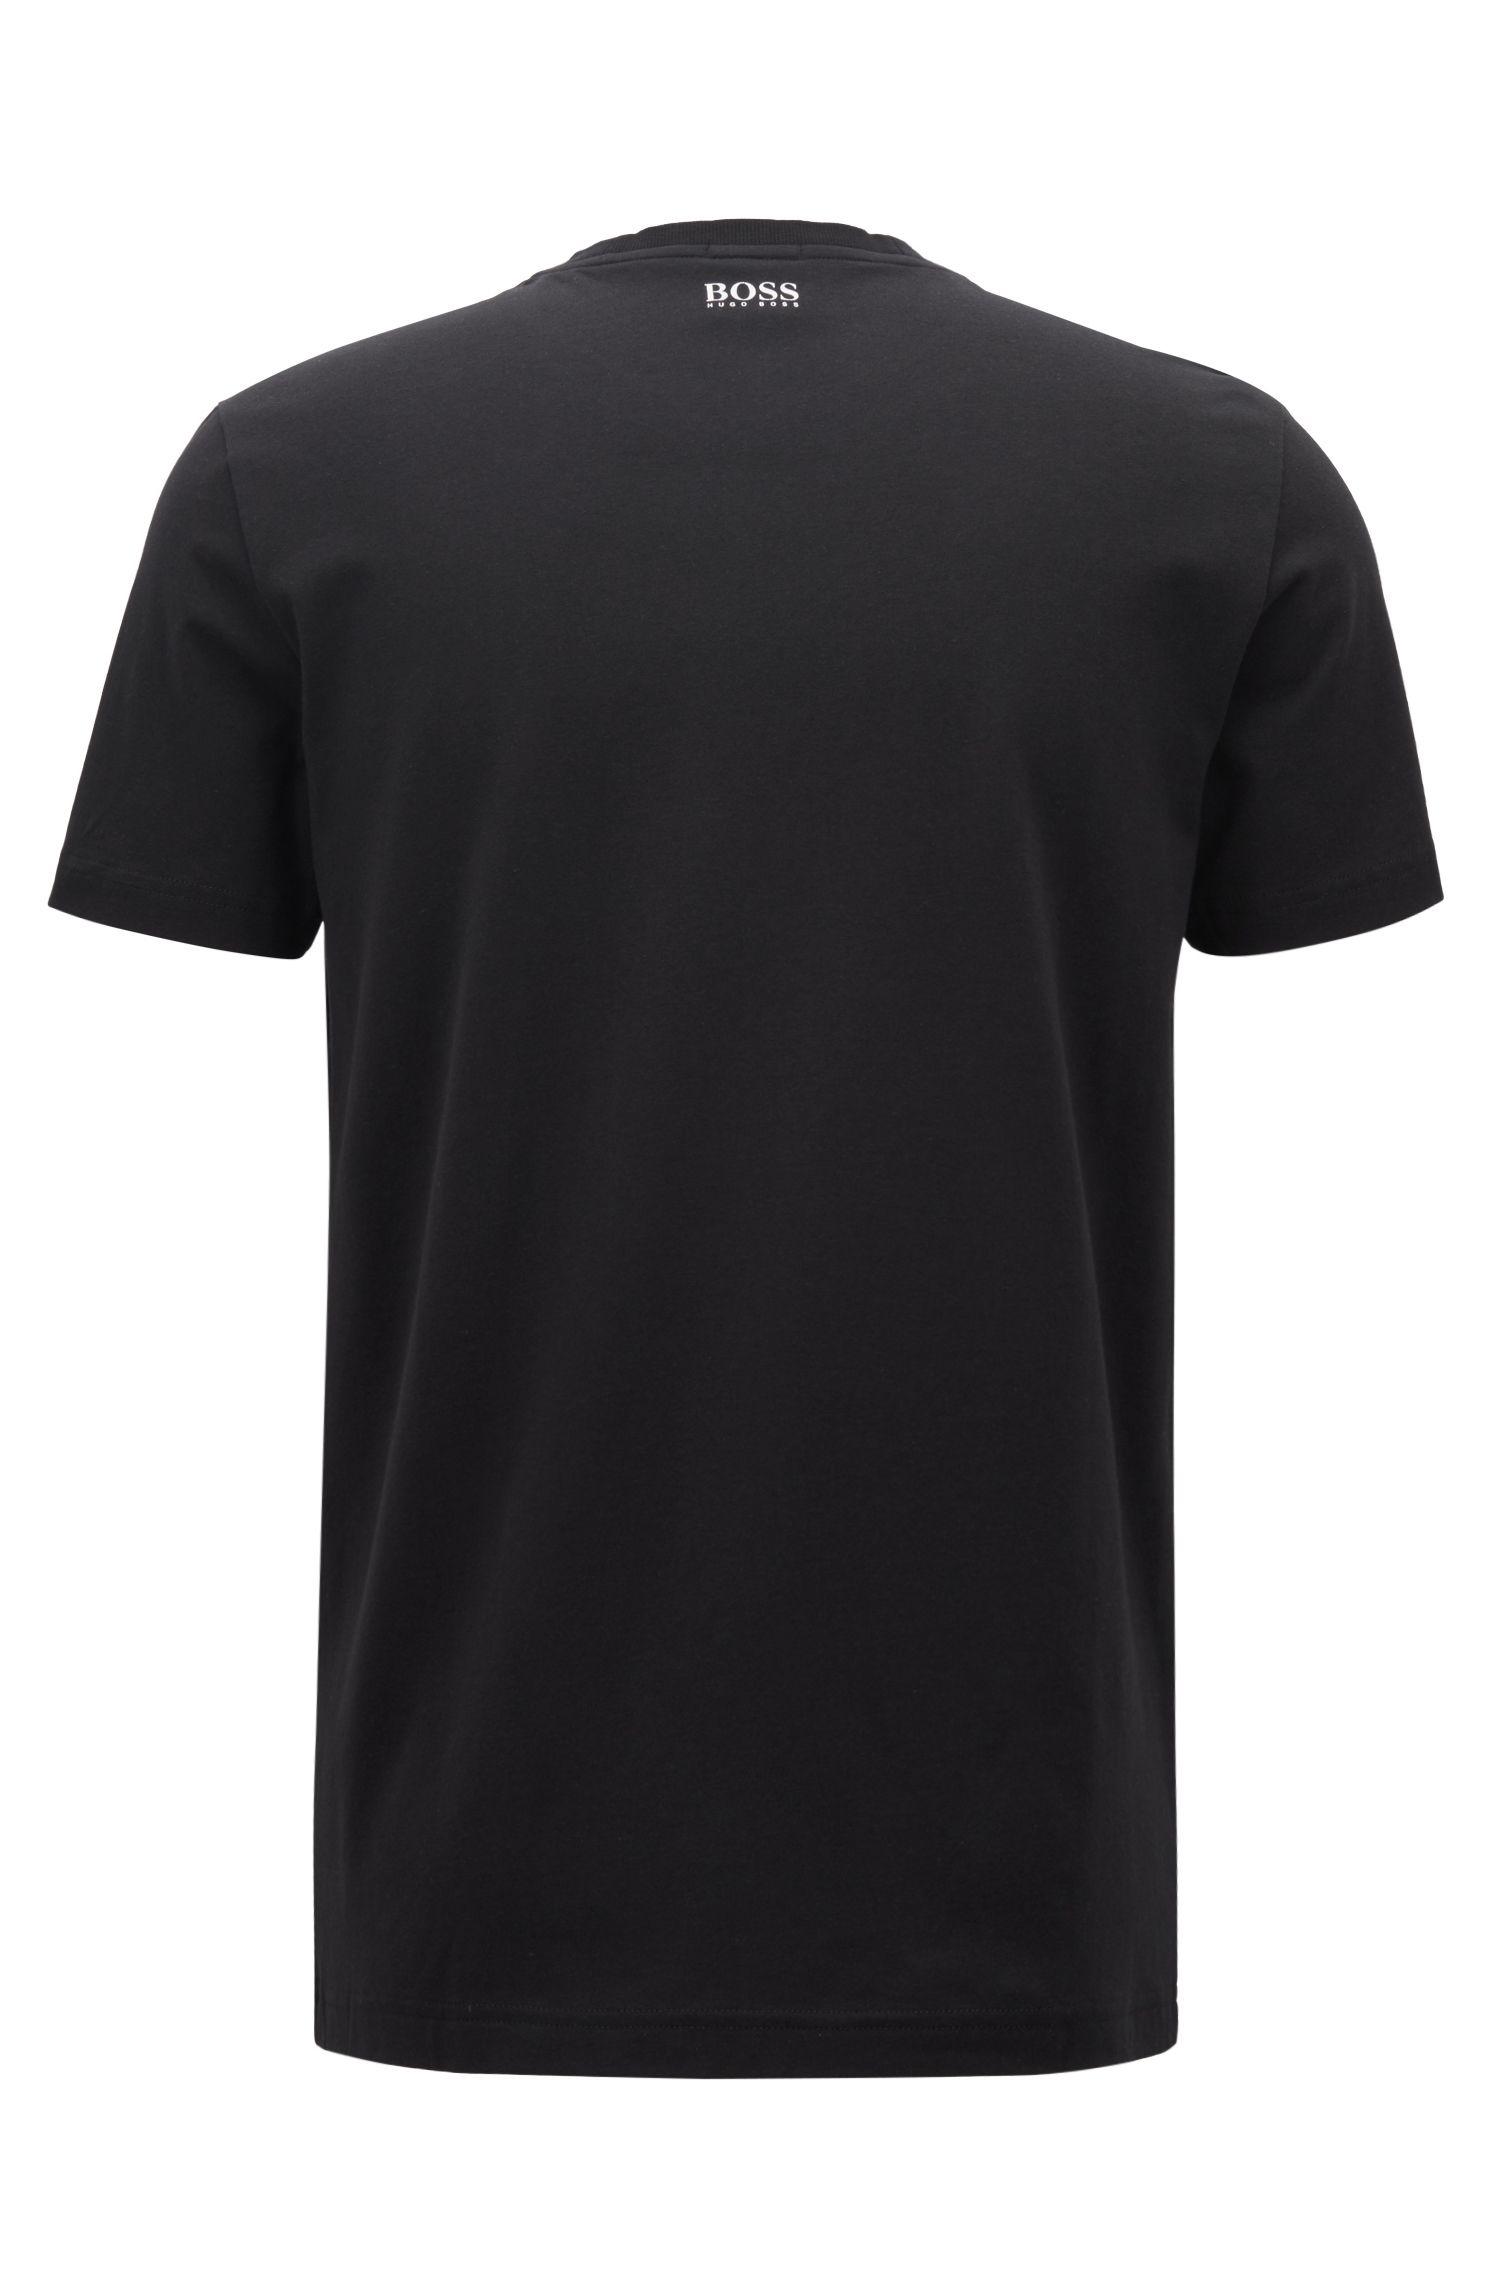 T-shirt in cotone elasticizzato con logo e stampa fotografica, Nero